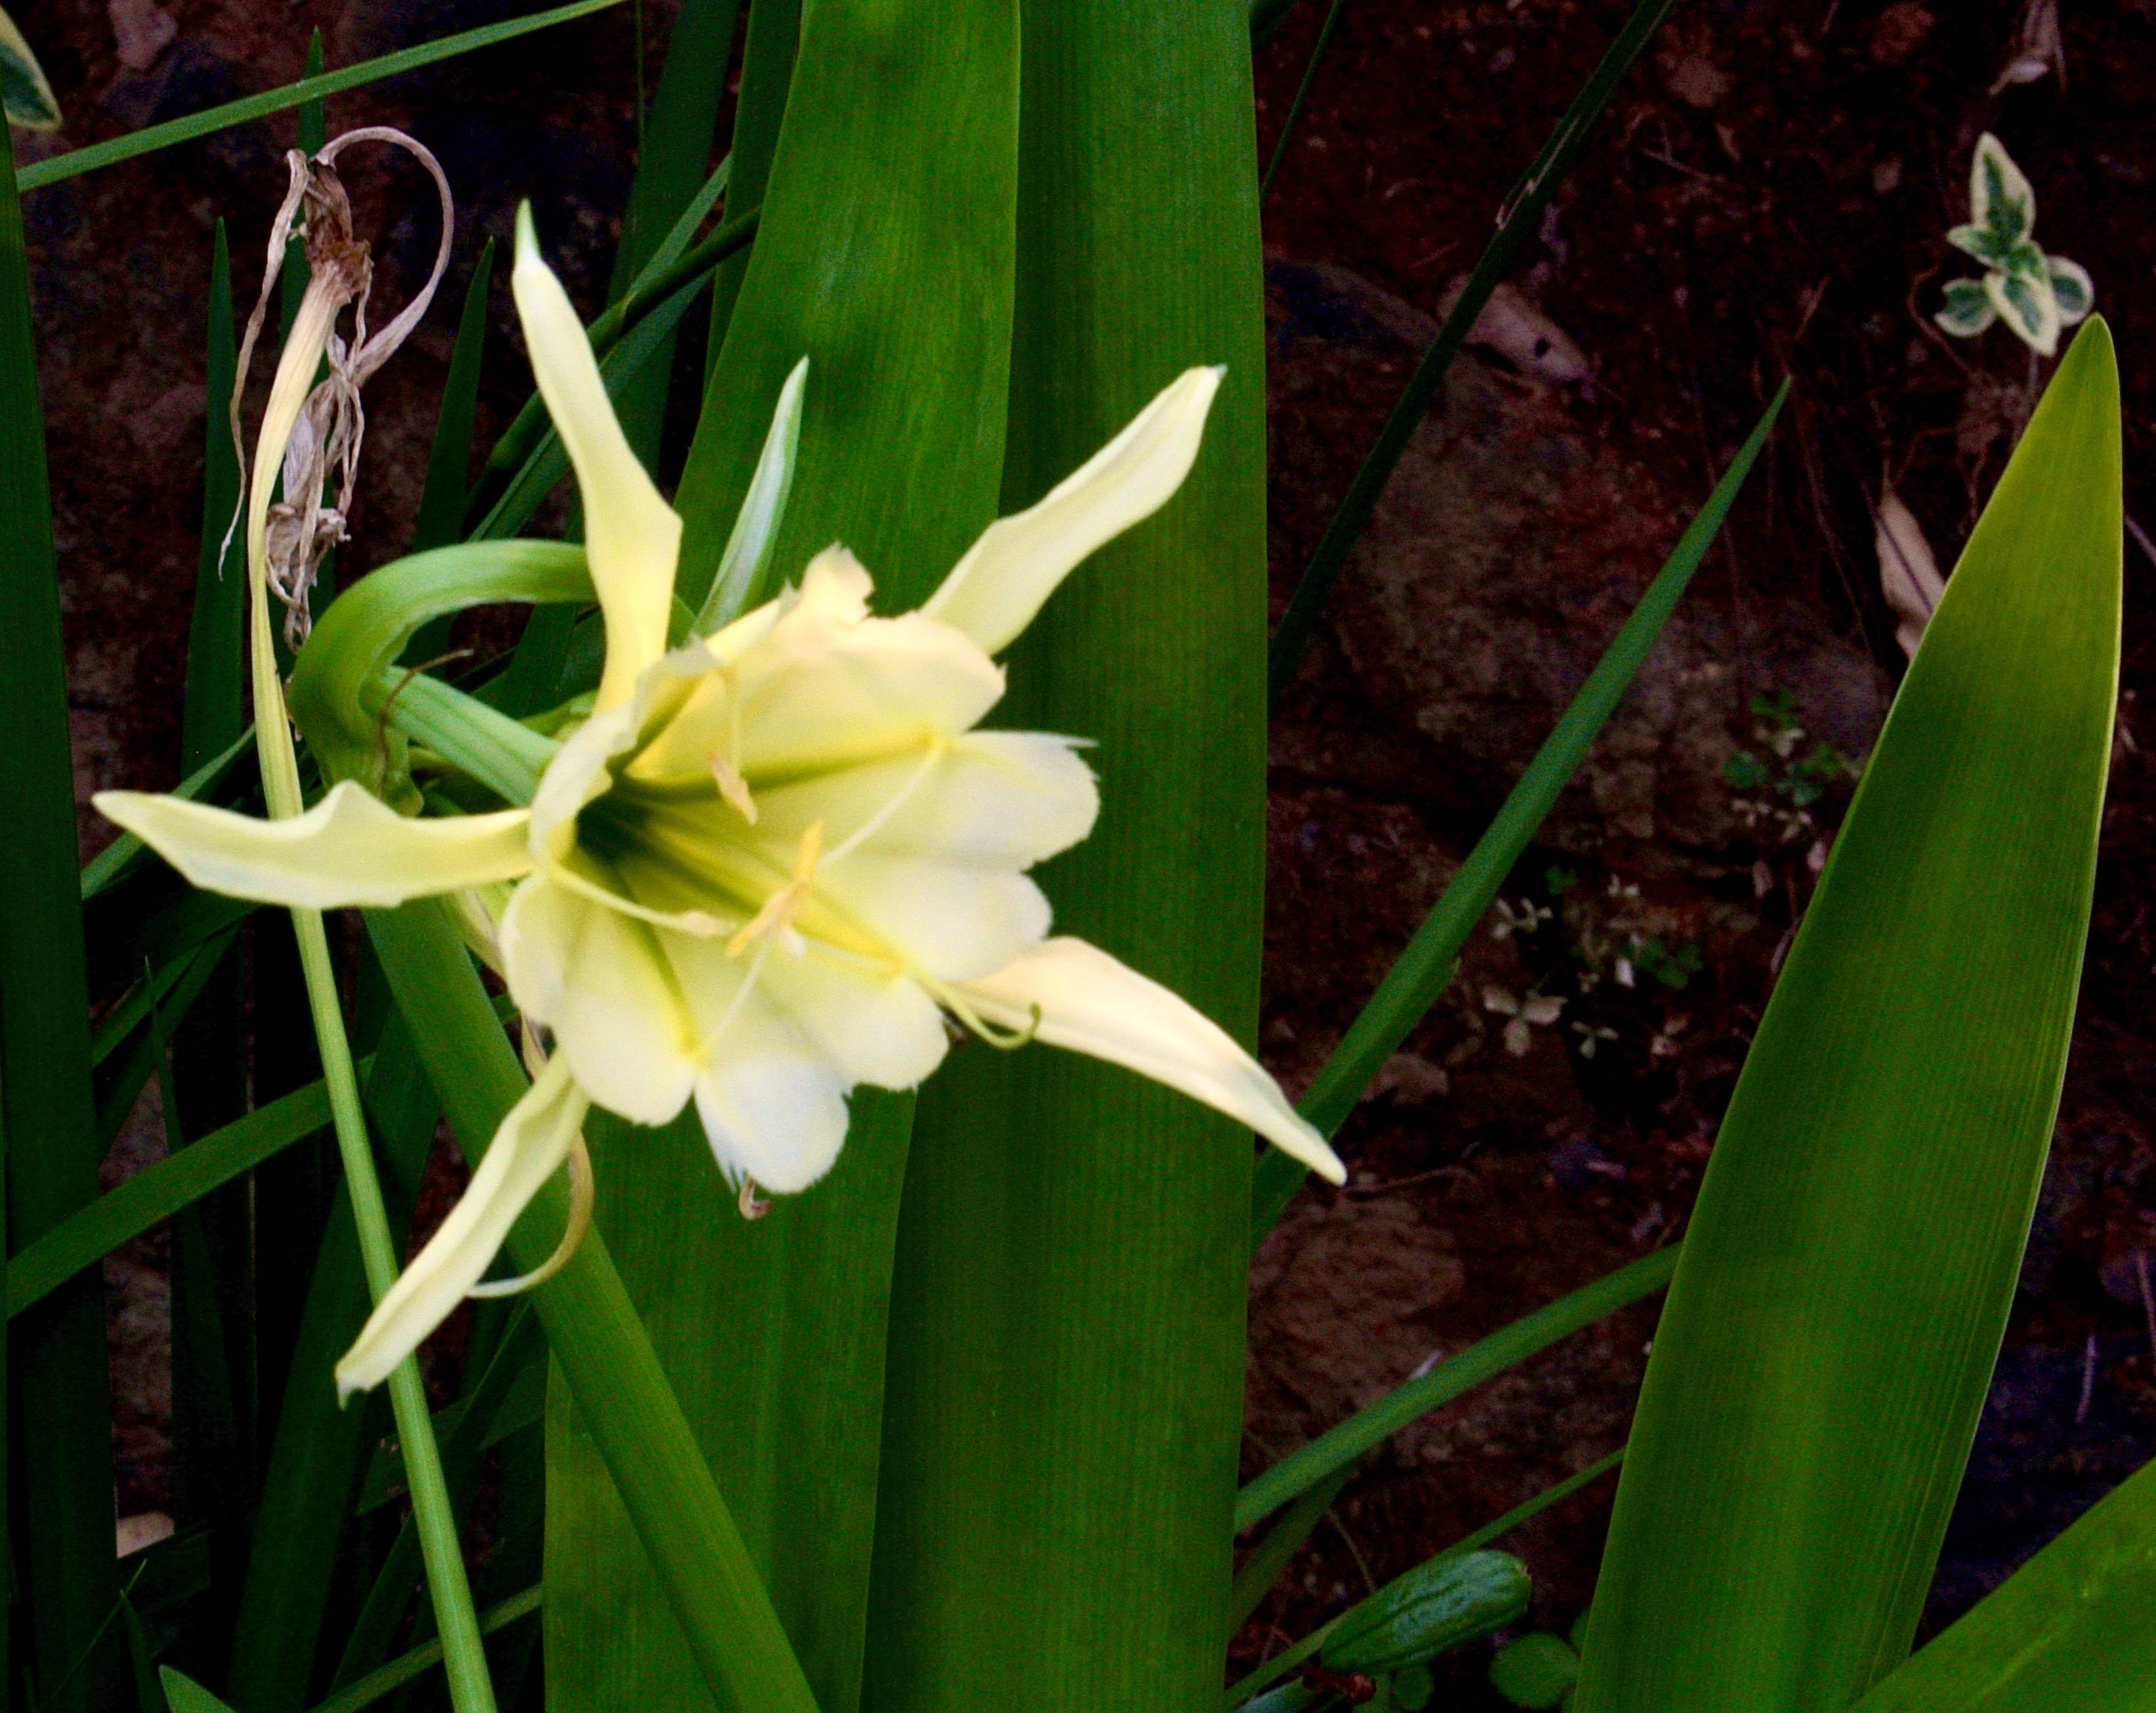 Daffodil Peruvian -2.5 4045.jpg